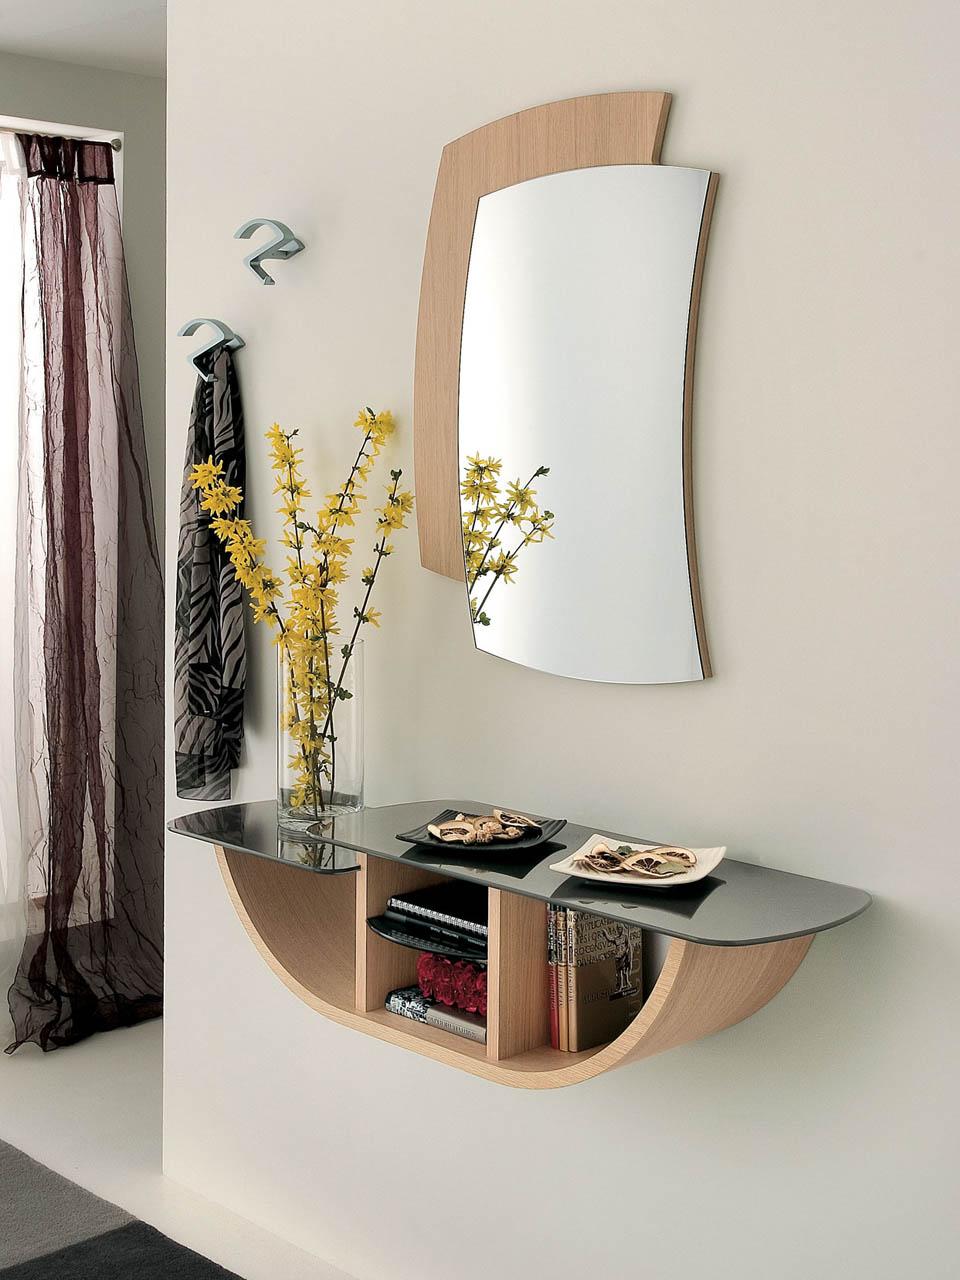 Consolle Classiche Con Specchiera.Ingresso Moderno Con Specchio La Primavera Gondola Consolle B